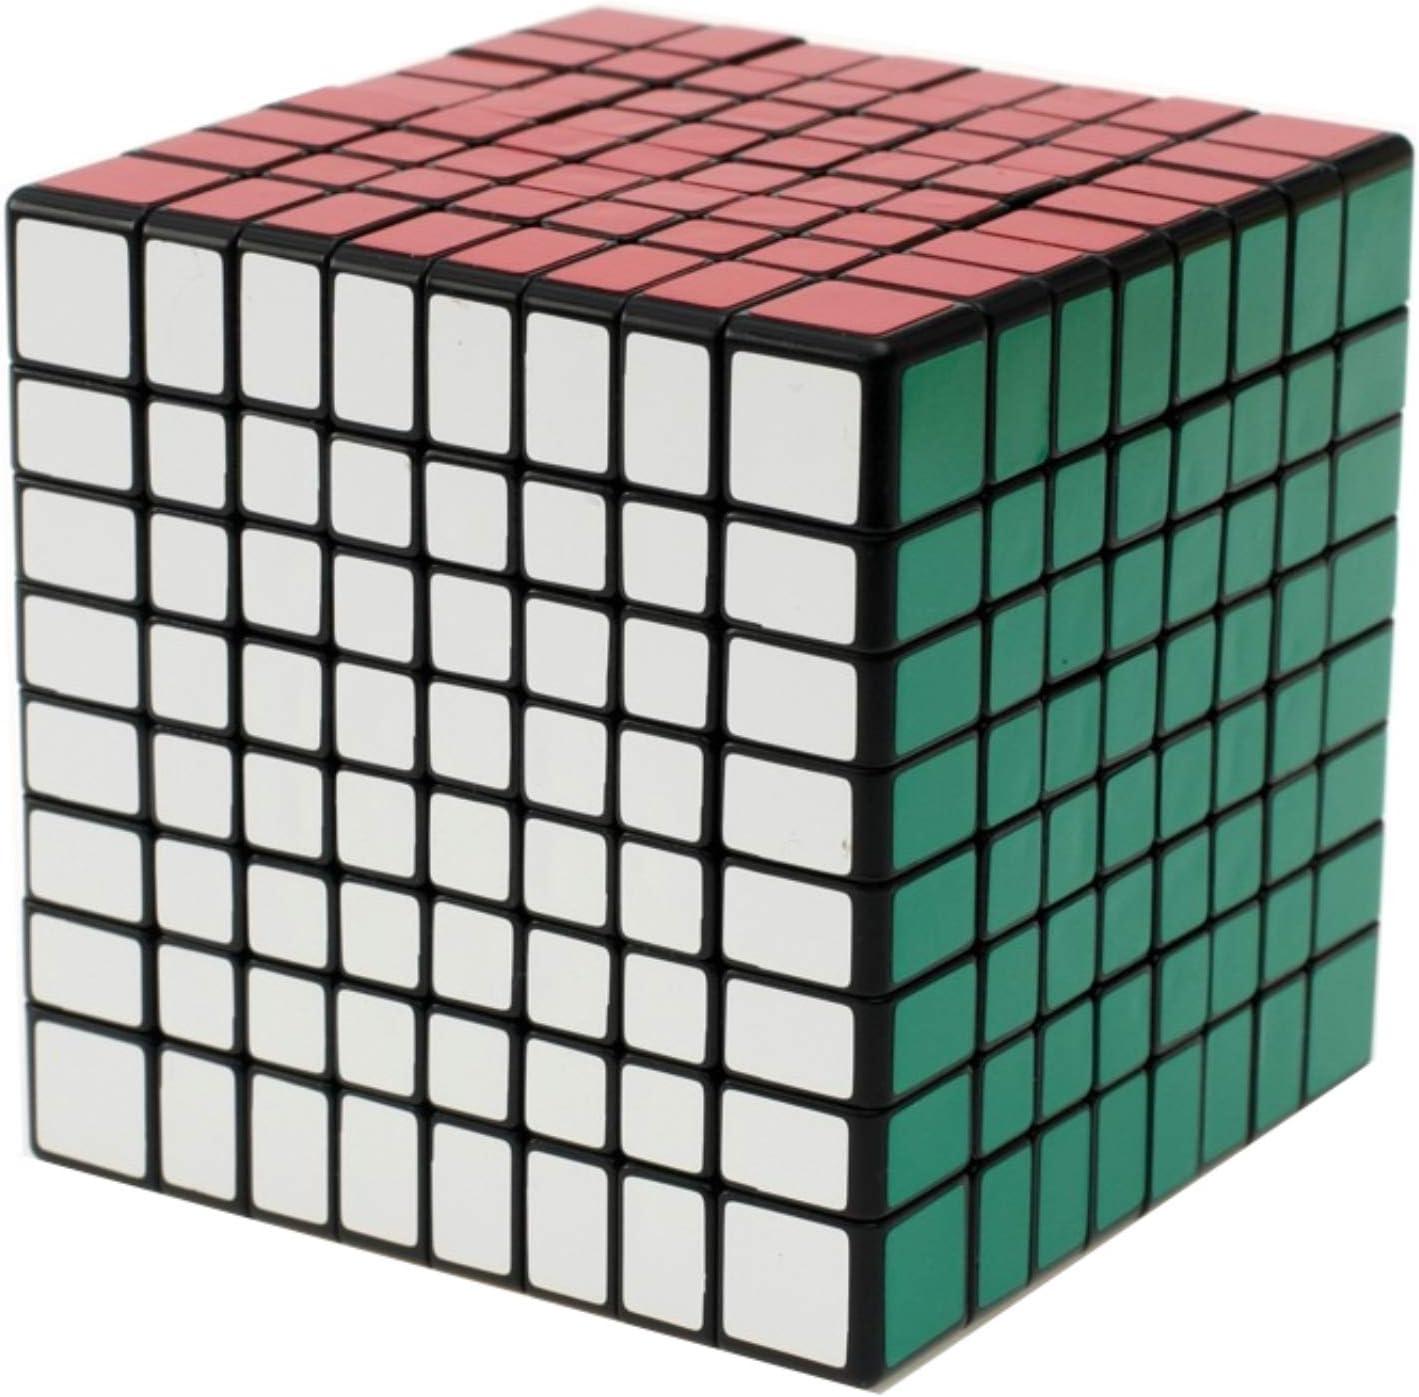 ShengShou8x8x8 8cm Black Atlanta New popularity Mall Twisty Cube 8x8 Speed Puzzle